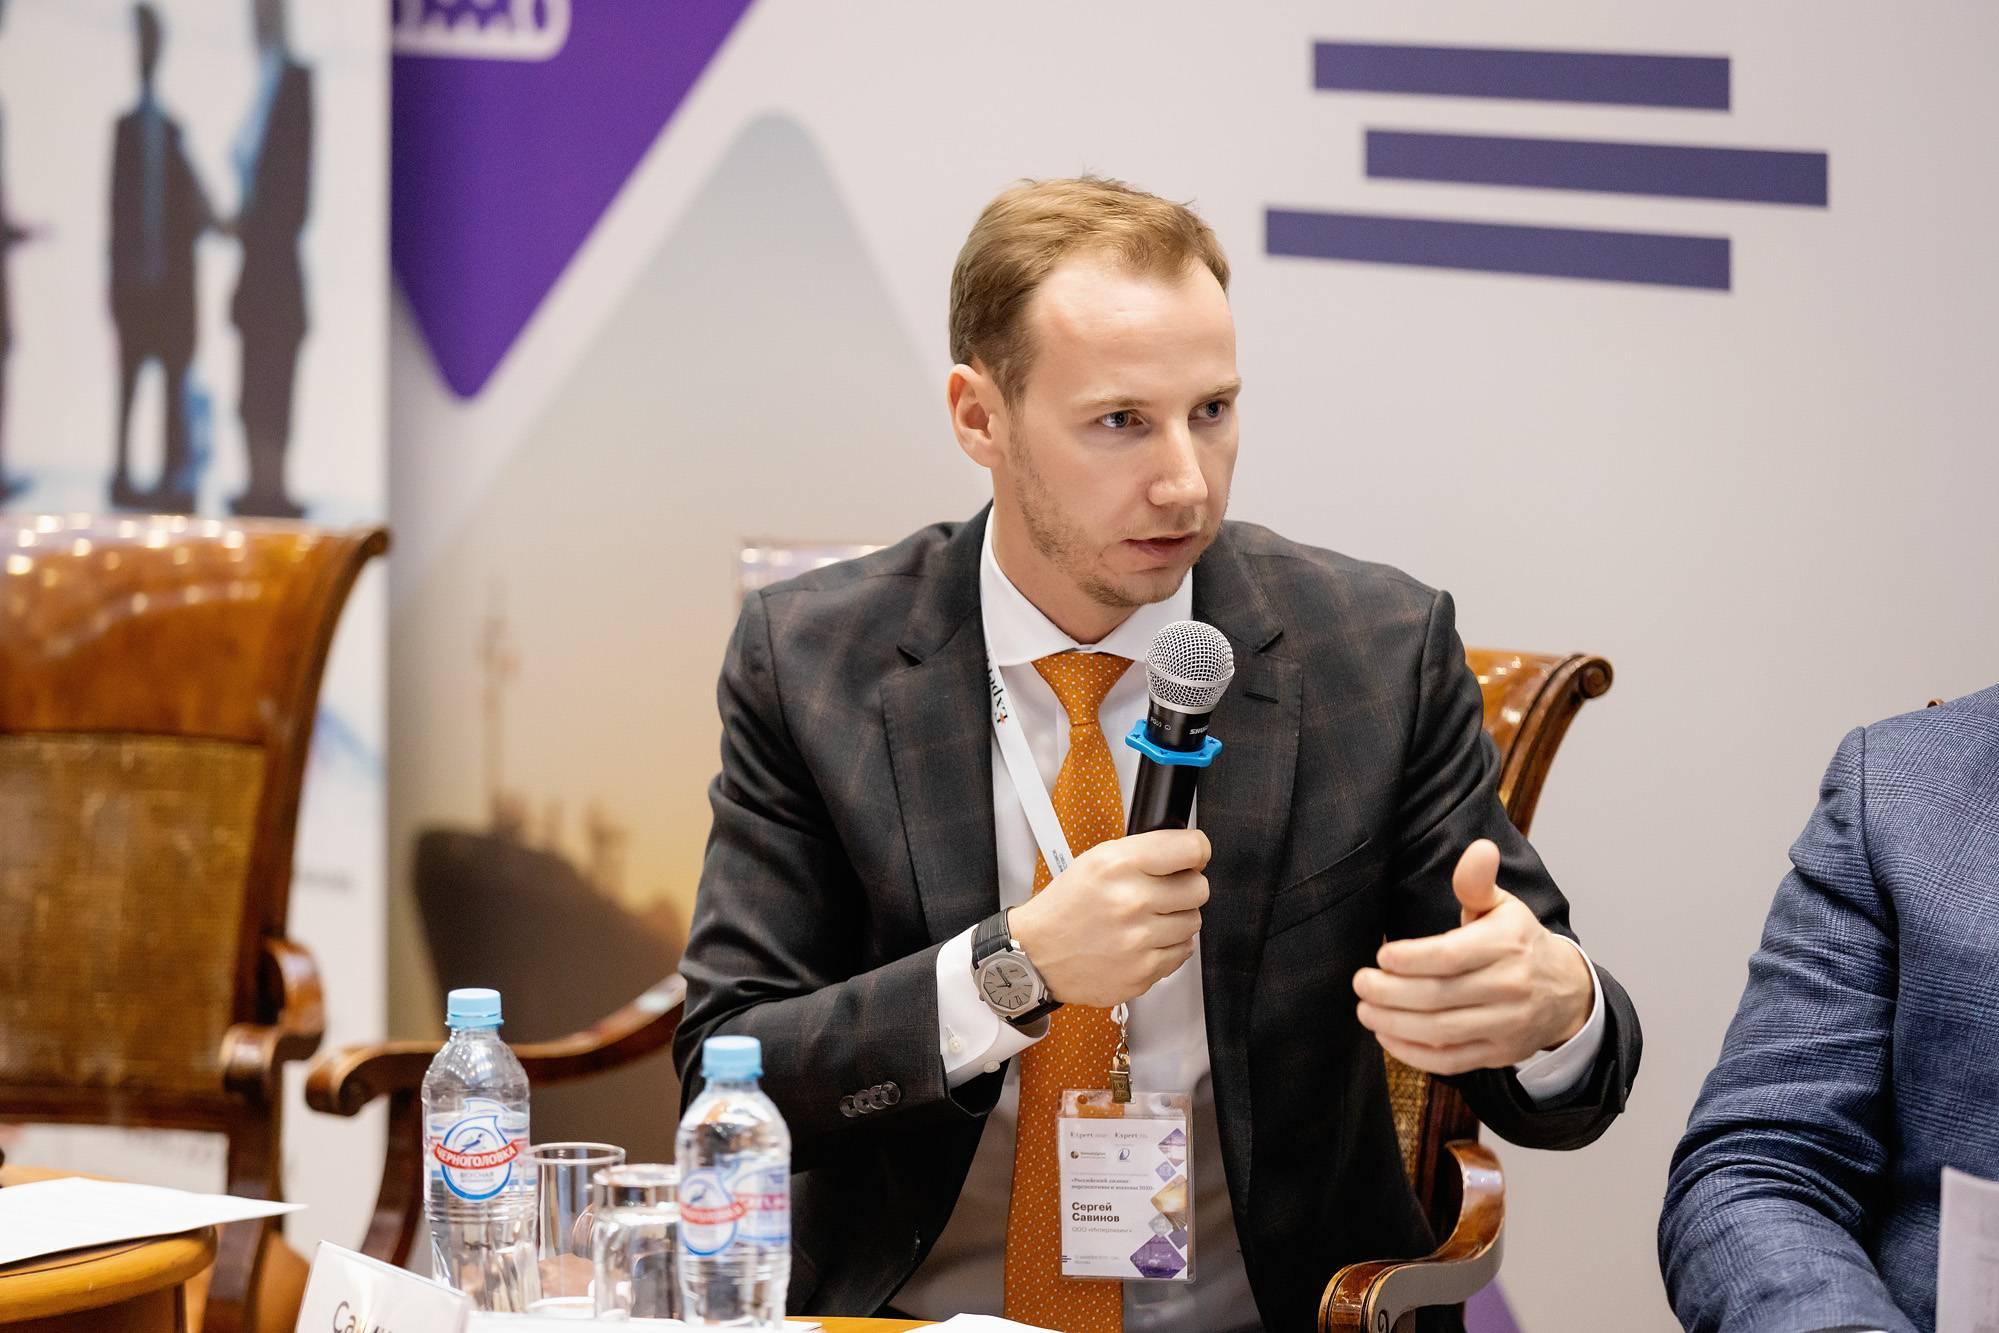 Сергей Савинов принял участие в конференции Эксперт РА